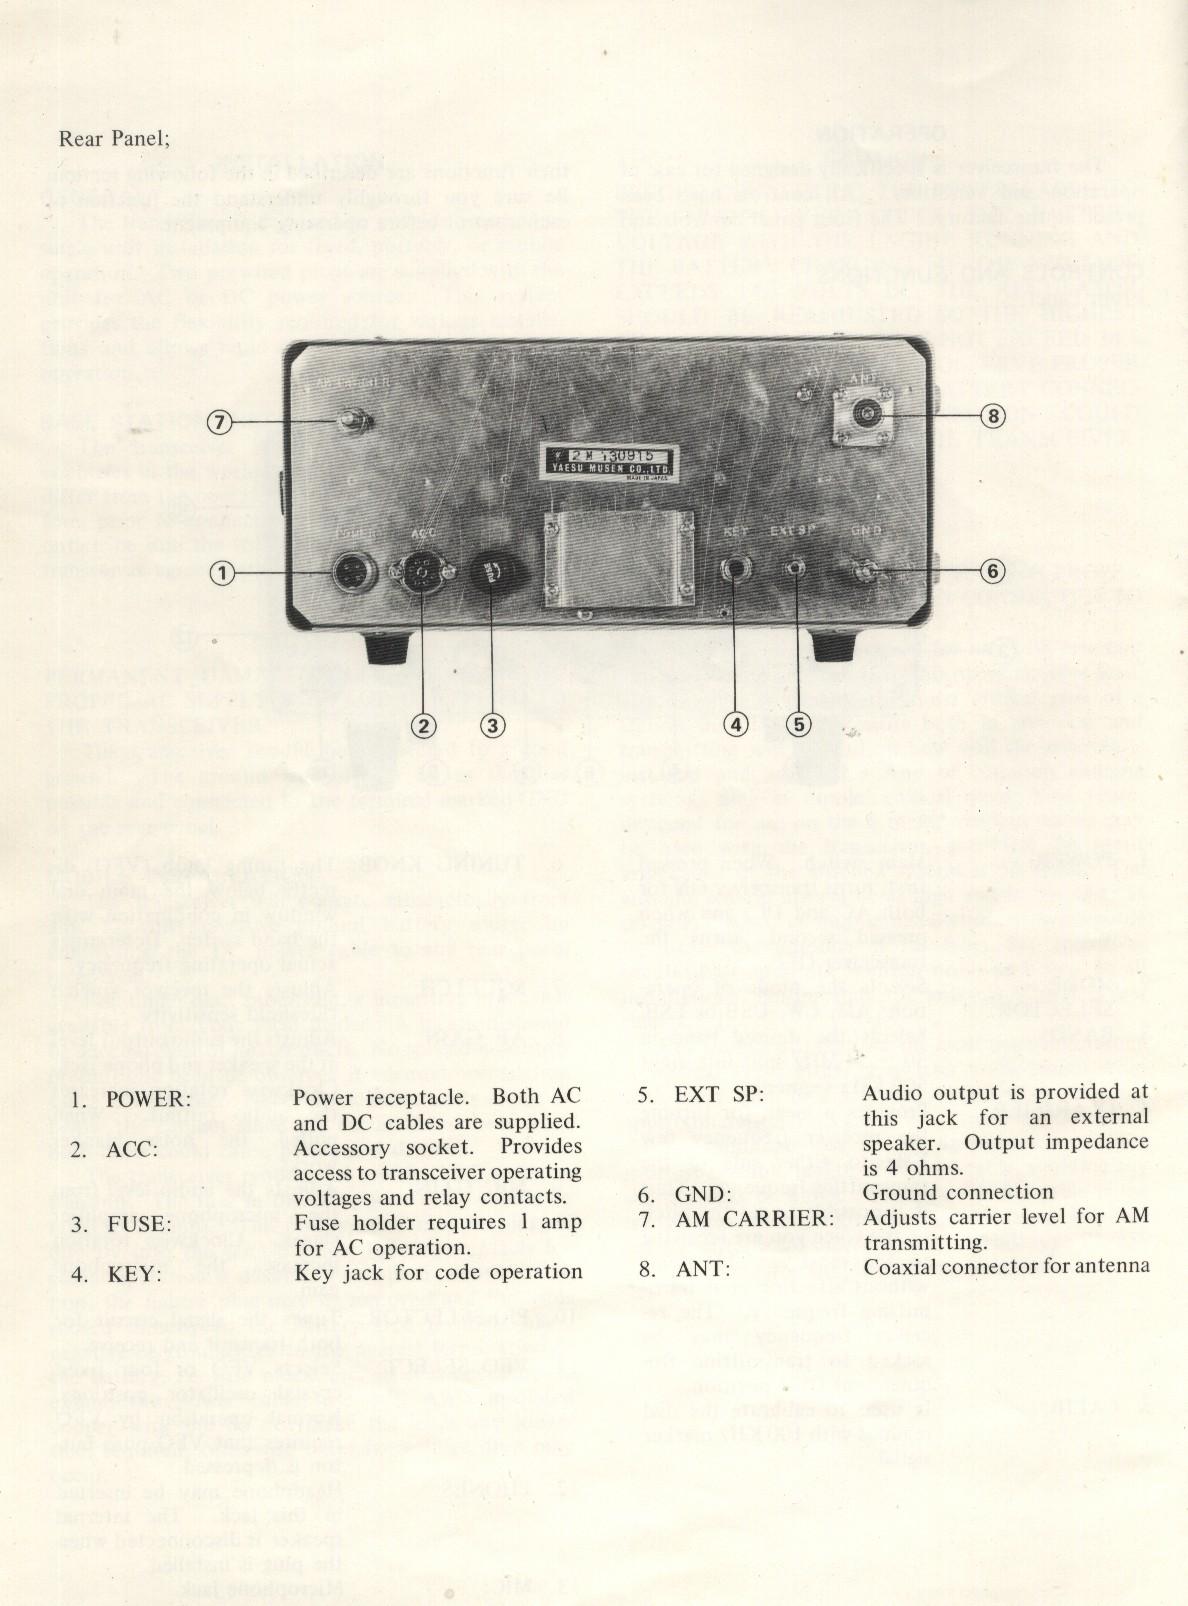 Ft620 Refurbishmnet Carrier Ac Schematics Thumbft620 Schematic 2015 0011jpeg